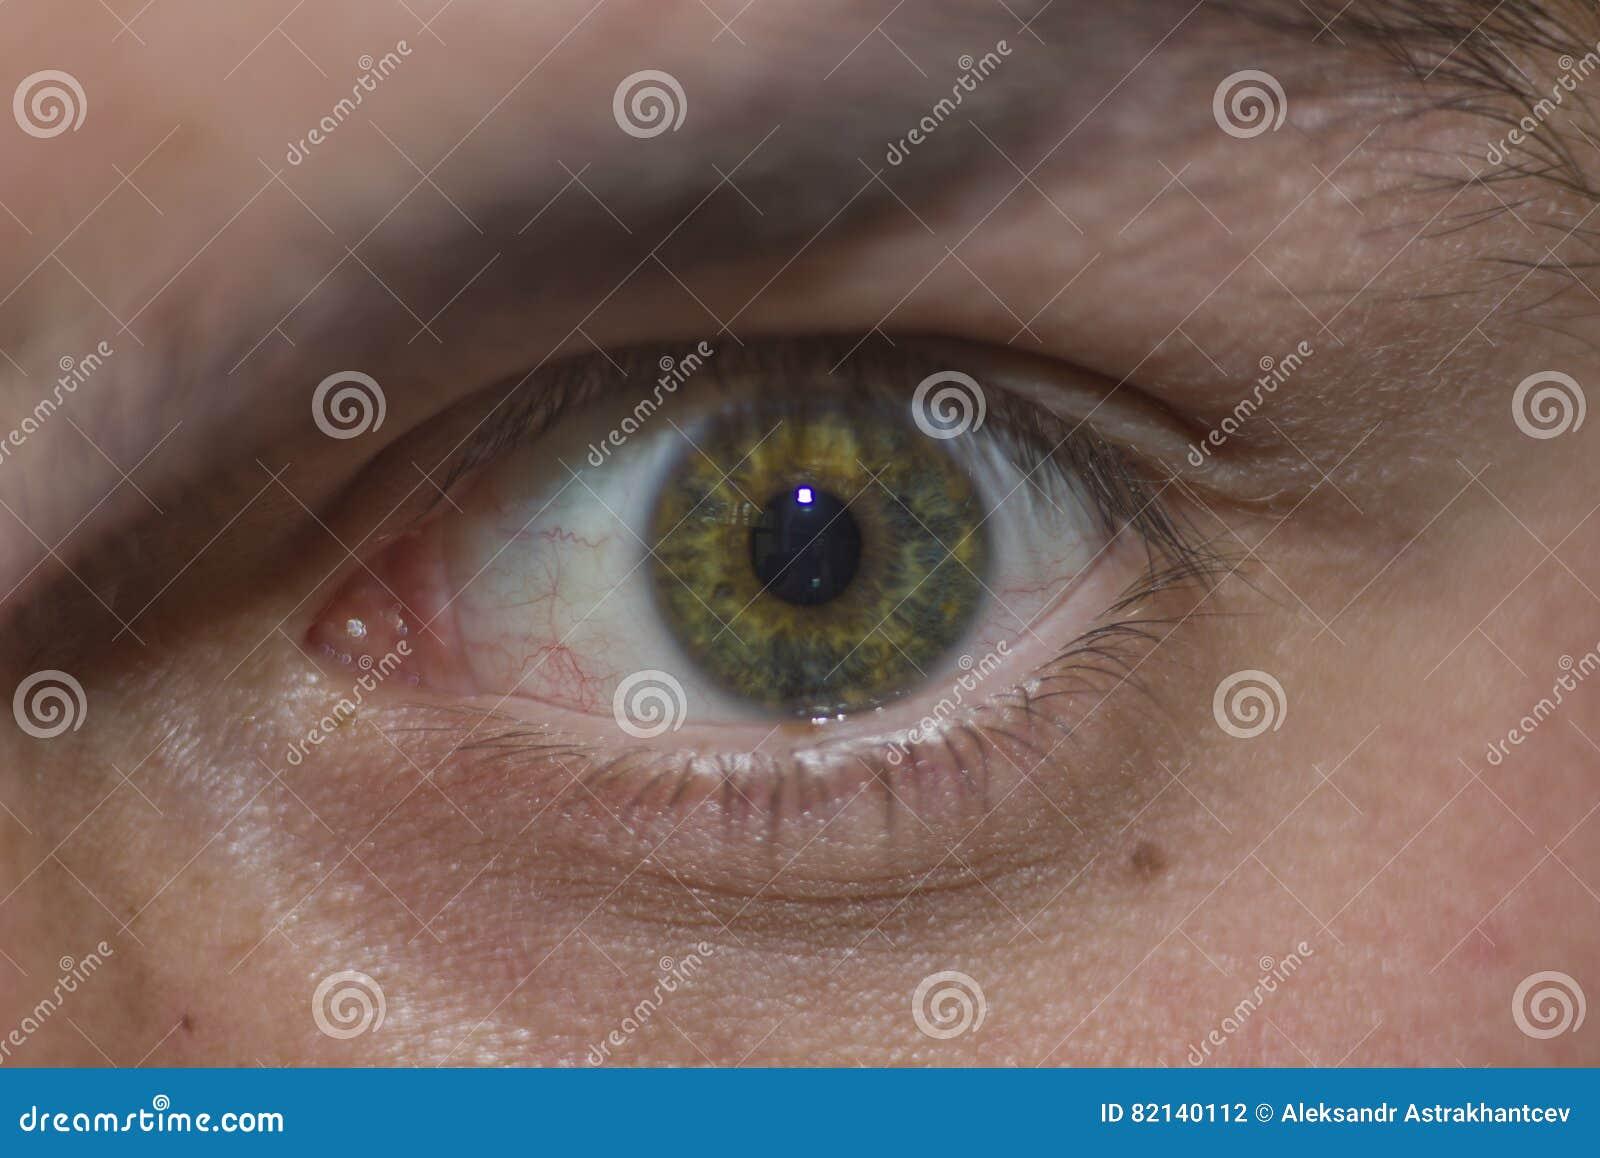 Das Menschliche Auge Betrachtet Mich Stockfoto - Bild von blau, auge ...